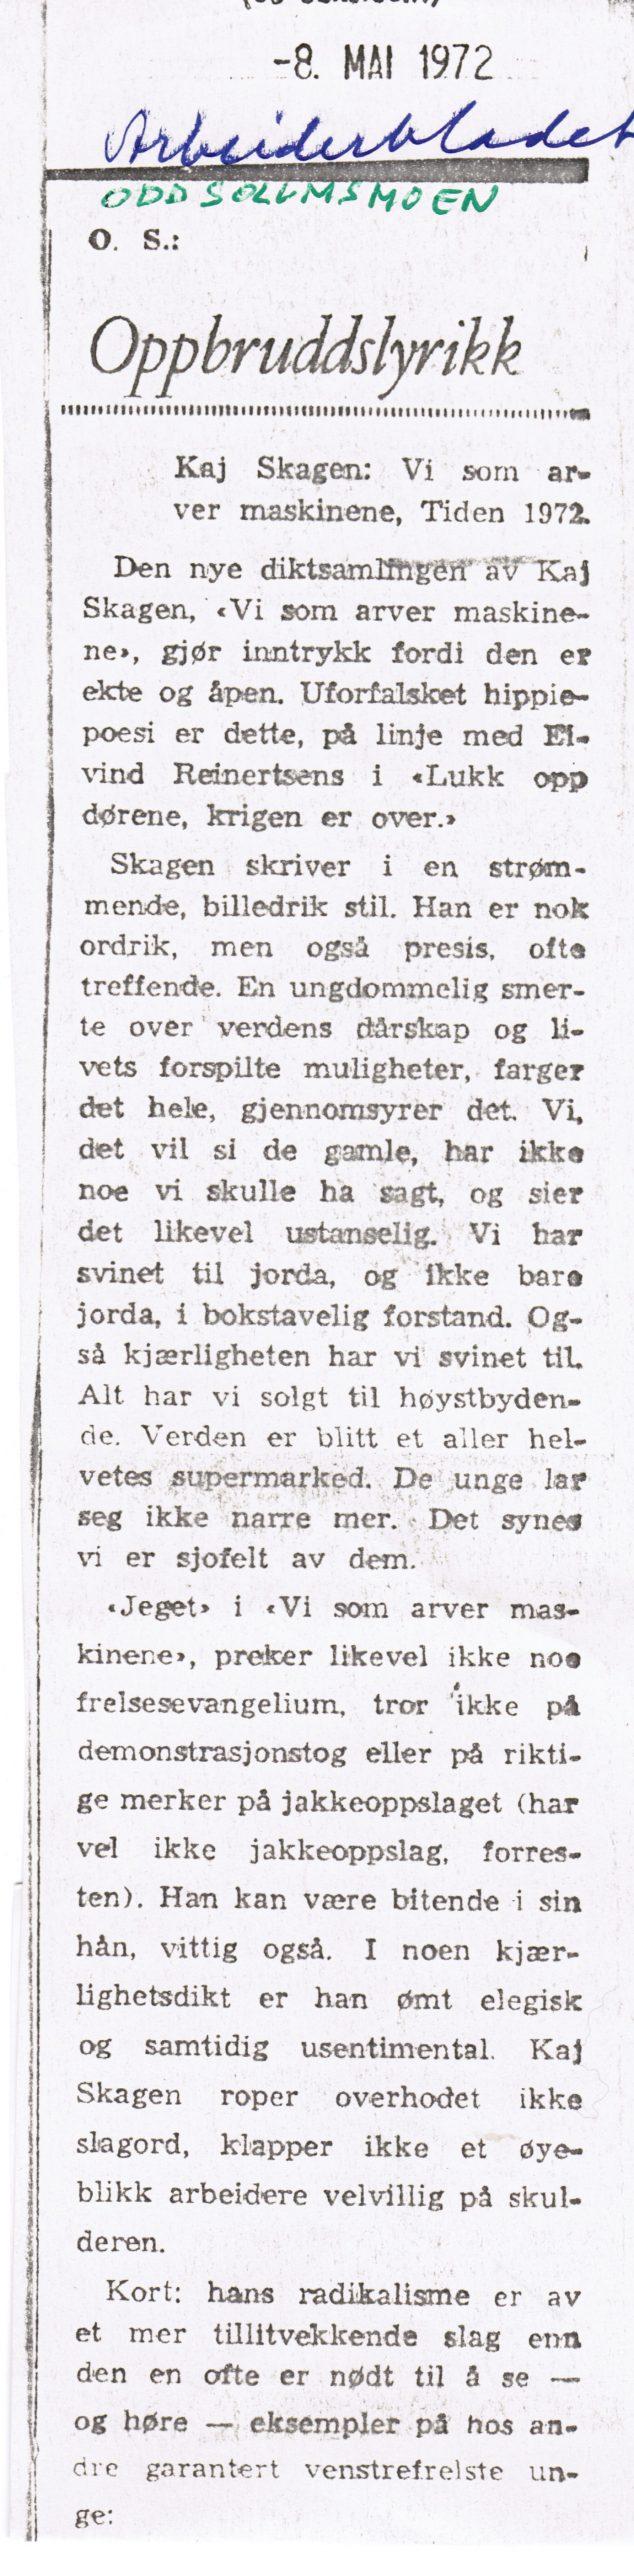 Utklipp fra Arbeiderbladet mai 1972